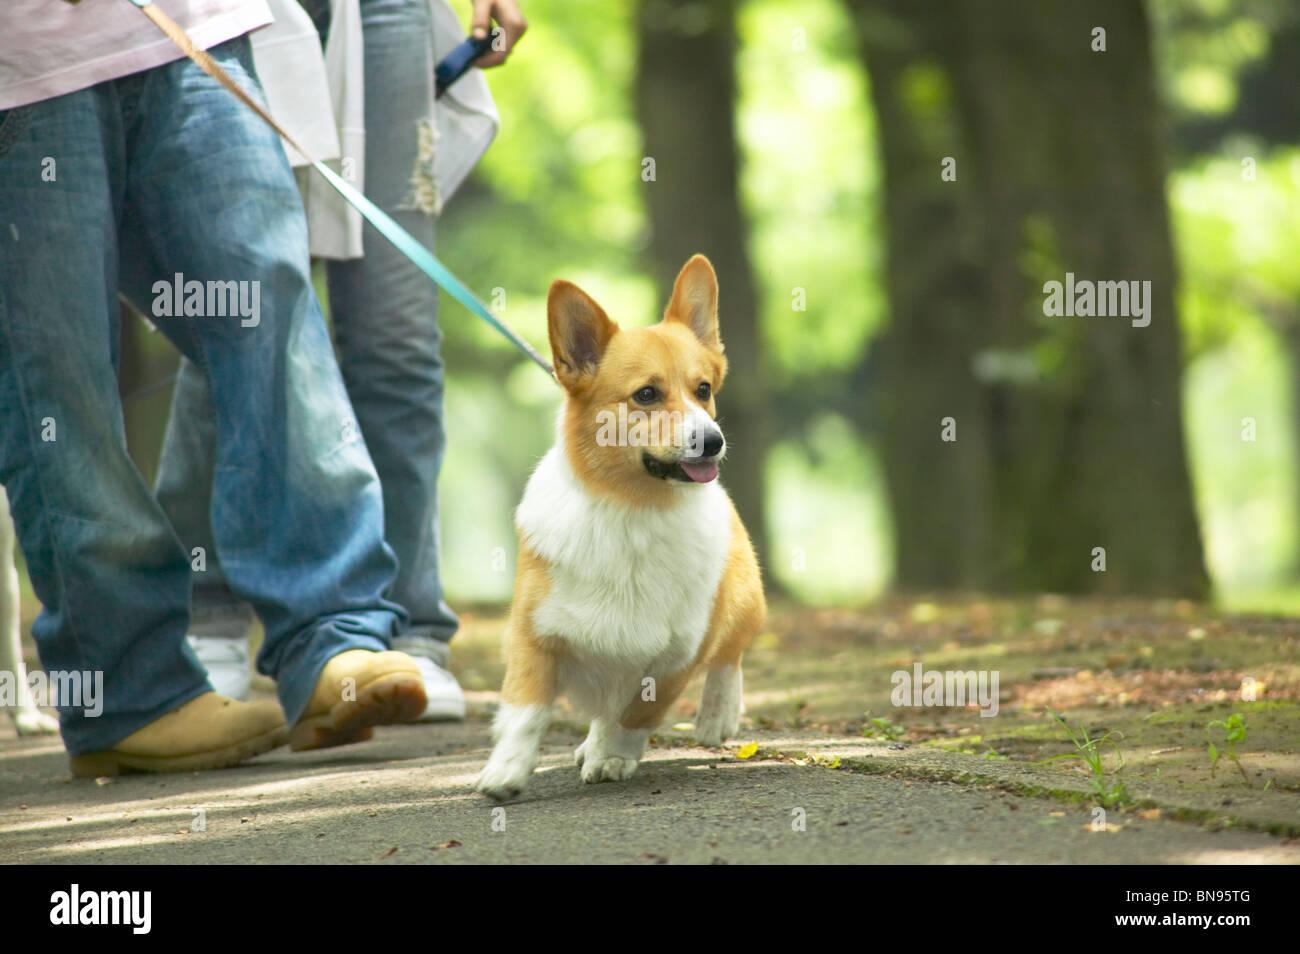 Pareja paseando sus corgi perro en un parque Foto de stock